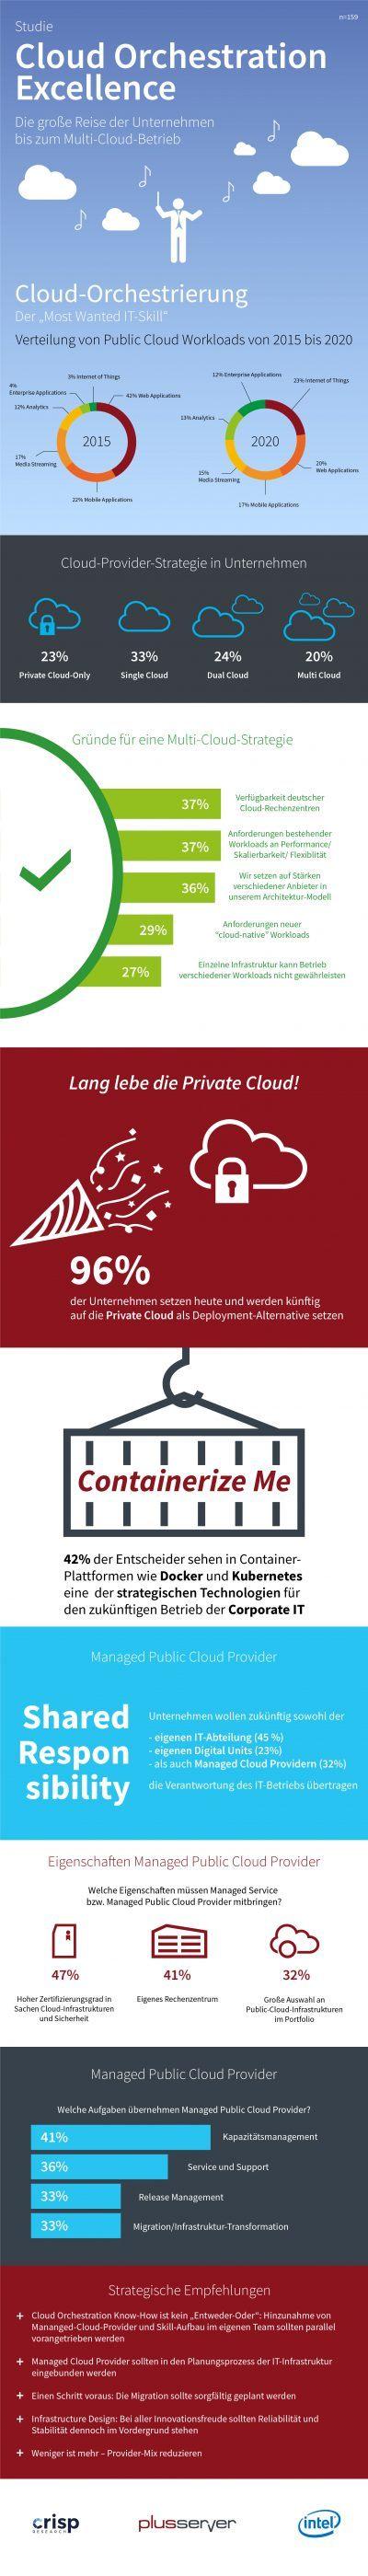 Plussserver_PLUS-Infografik-Crisp-Studie